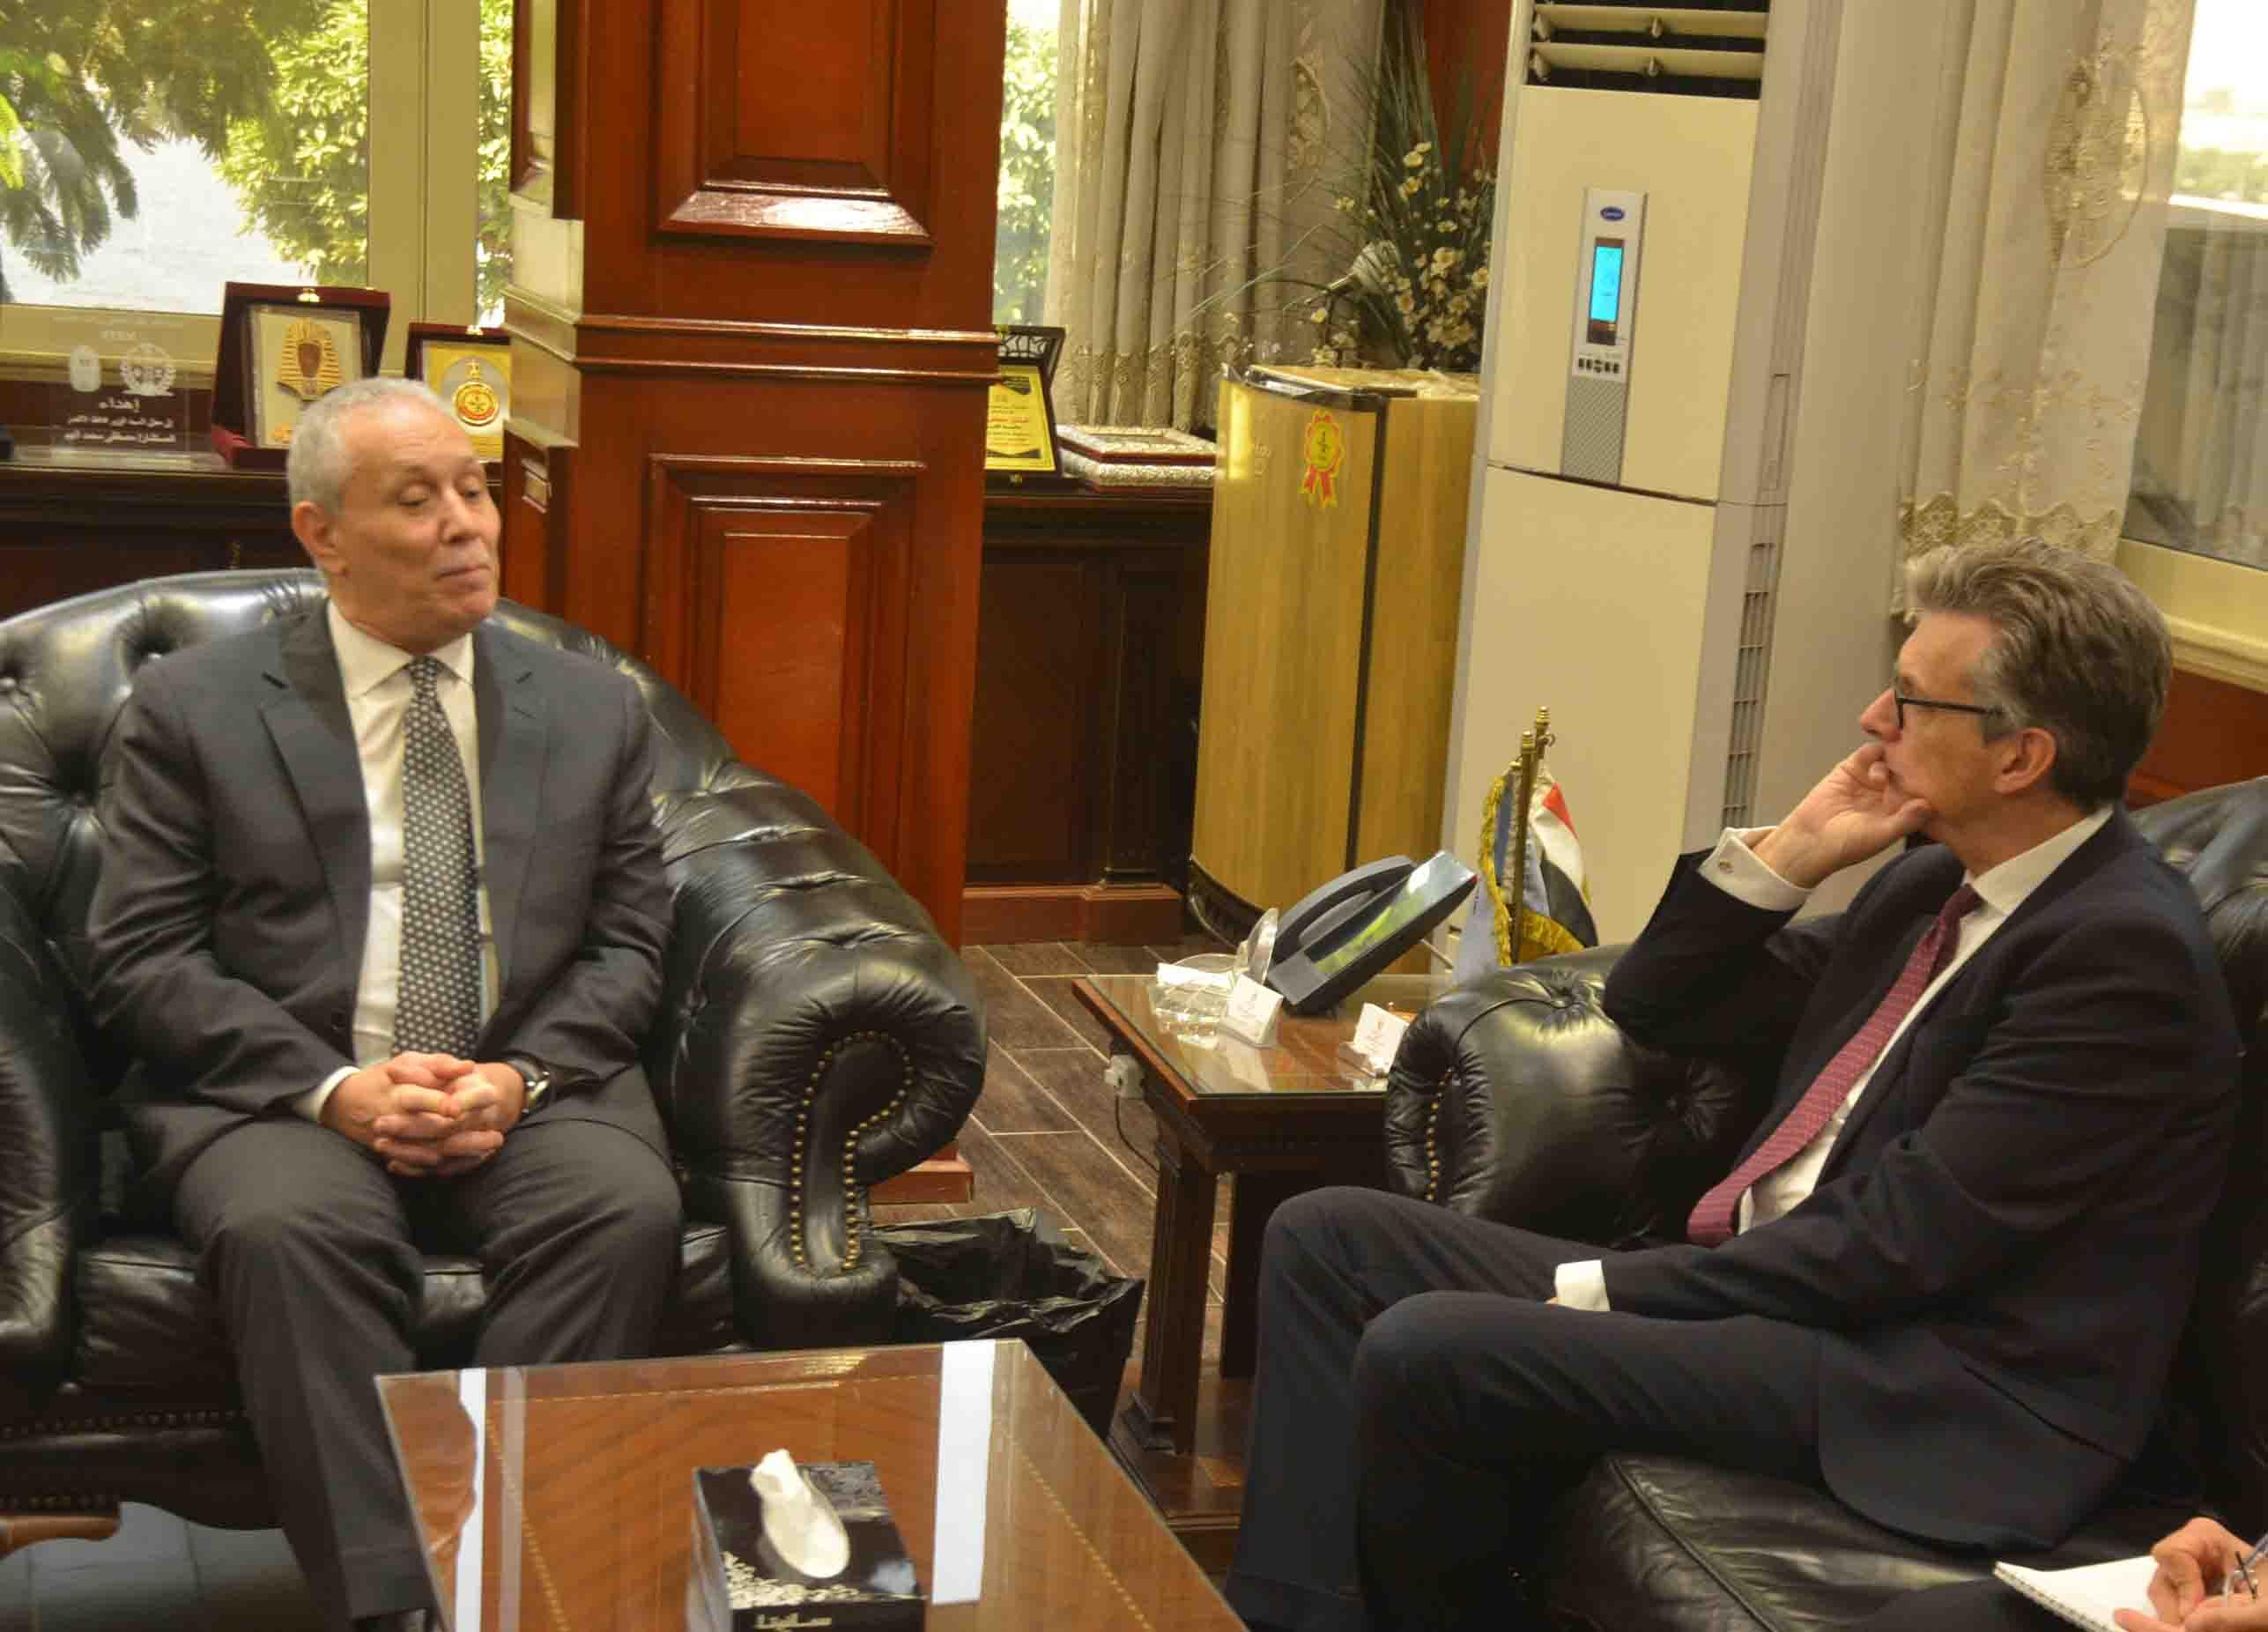 محافظ الأقصر يستقبل السفير البريطاني بالقاهرة لبحث التعاون وزيادة السائحين بالموسم الشتوي (1)